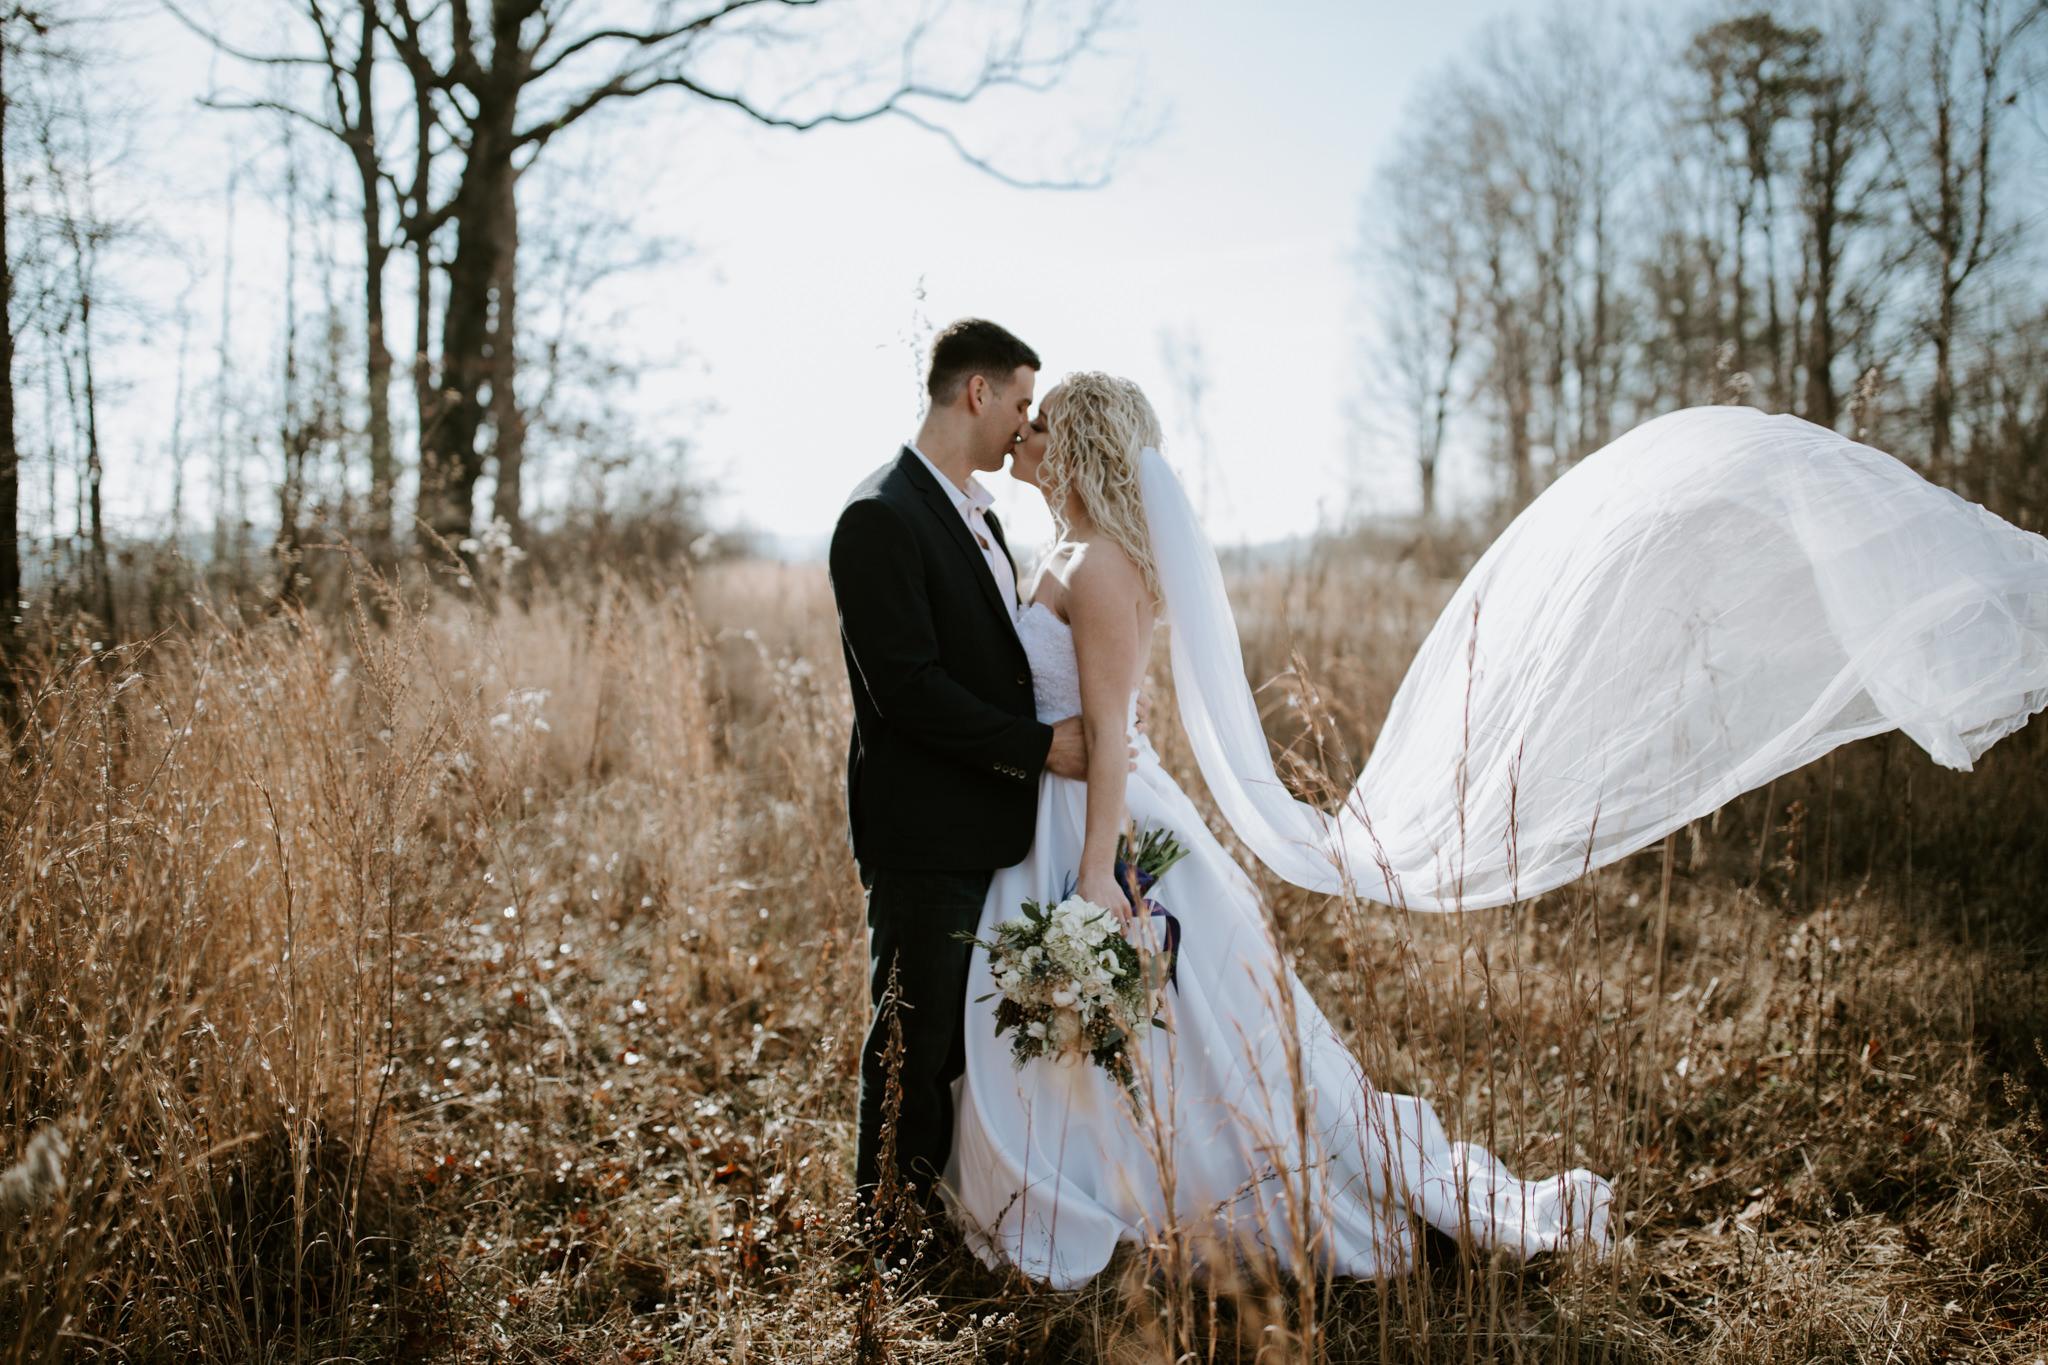 Lauren-and-Trent-Chattanooga-Nashville-Wedding-Elopement-Photographer-48.jpg